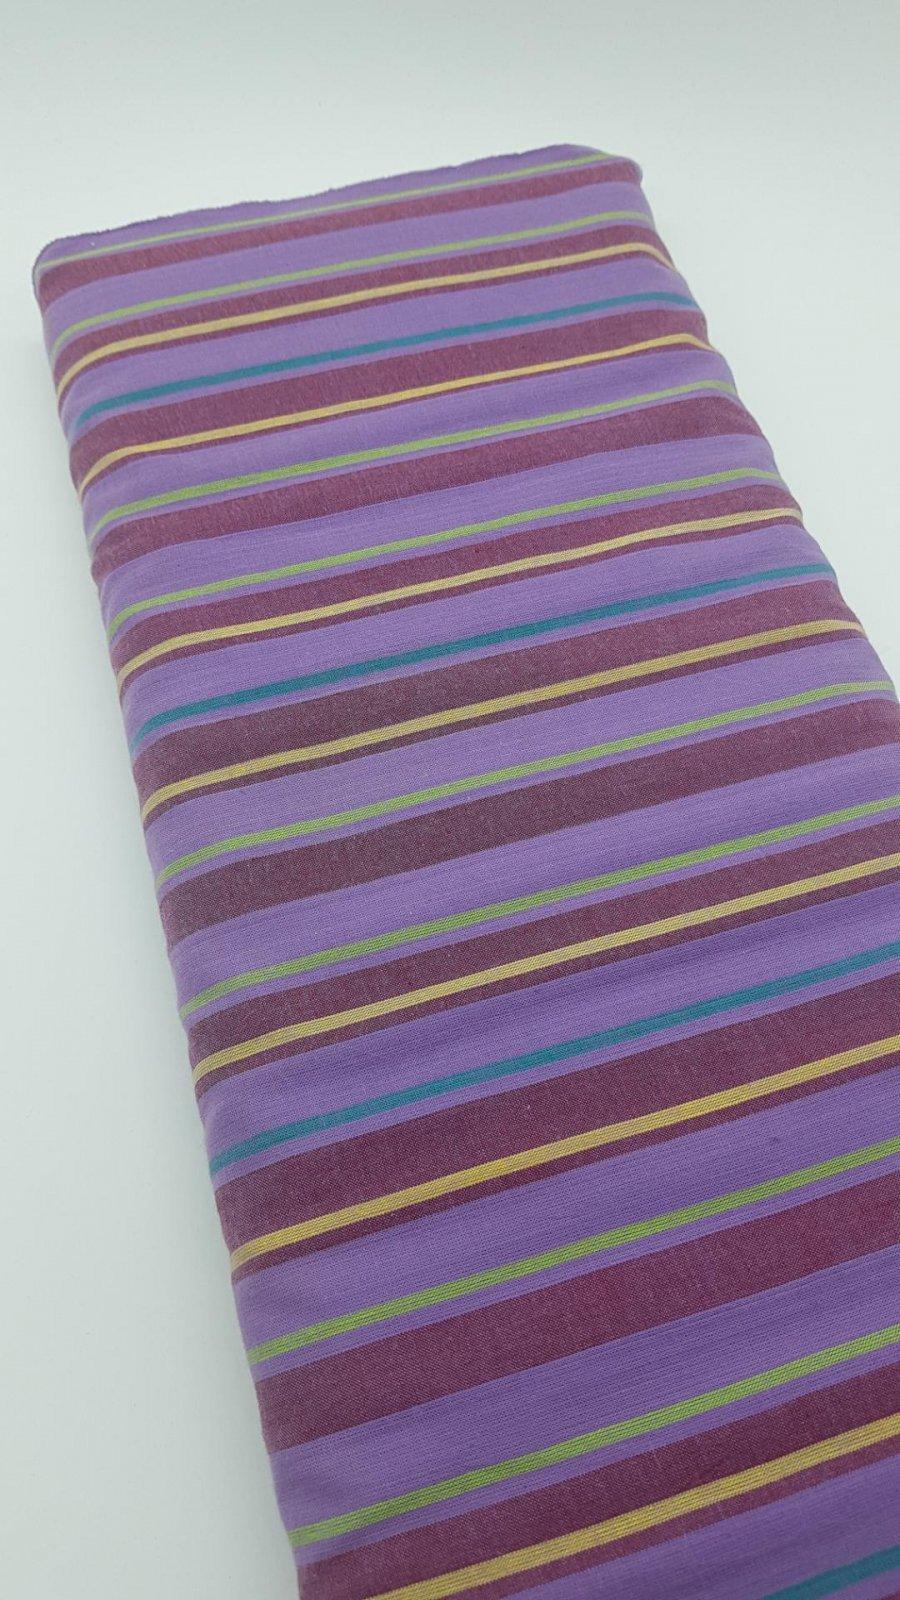 Kaffe Fassett - Wovens - Alternating Stripe - Lavender